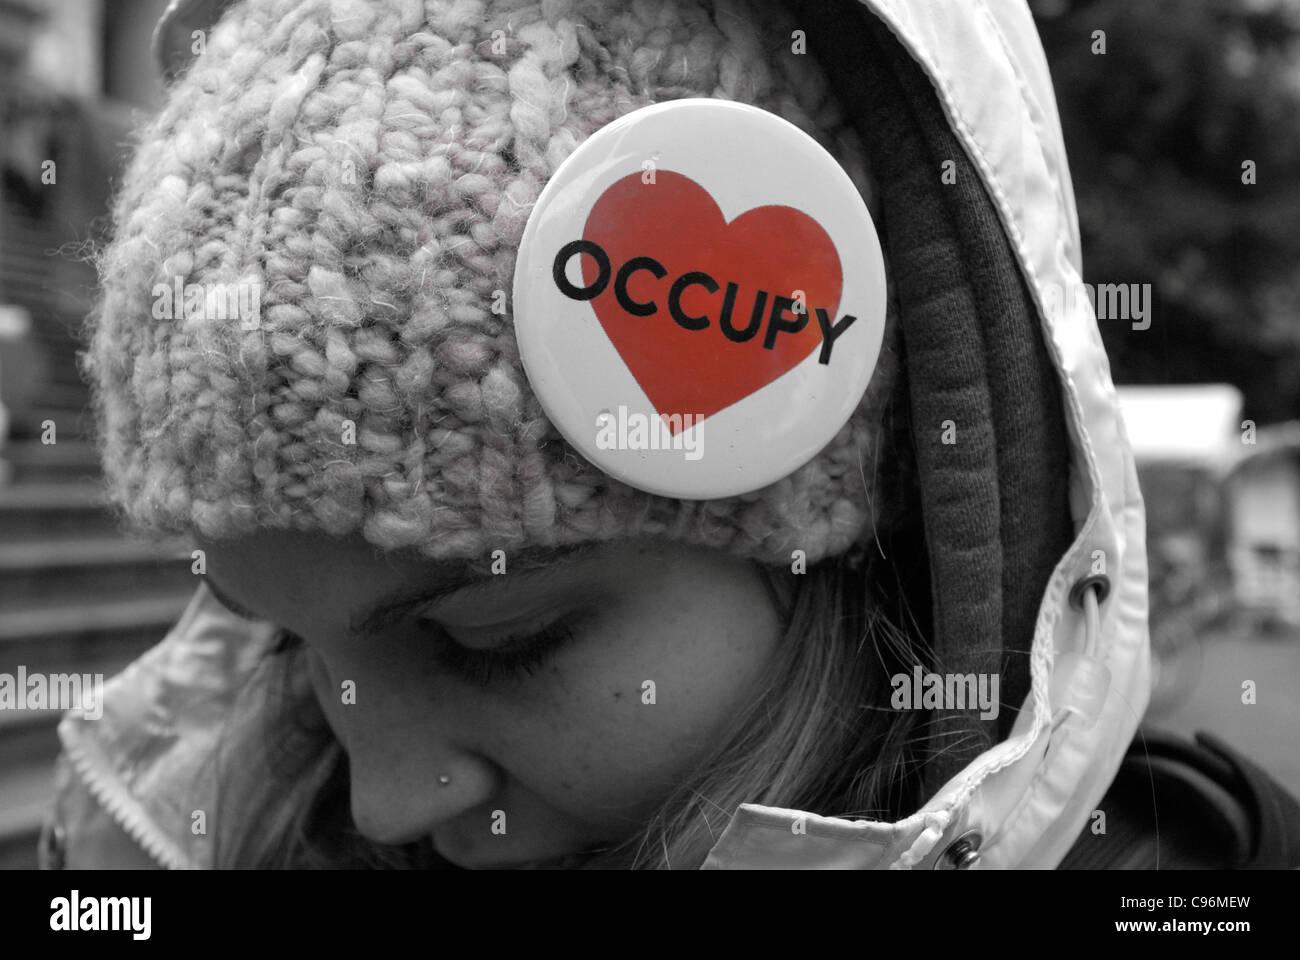 Manifestant avec un bouton Vancouver occupent épinglé à sa tuque de laine. Photo Stock